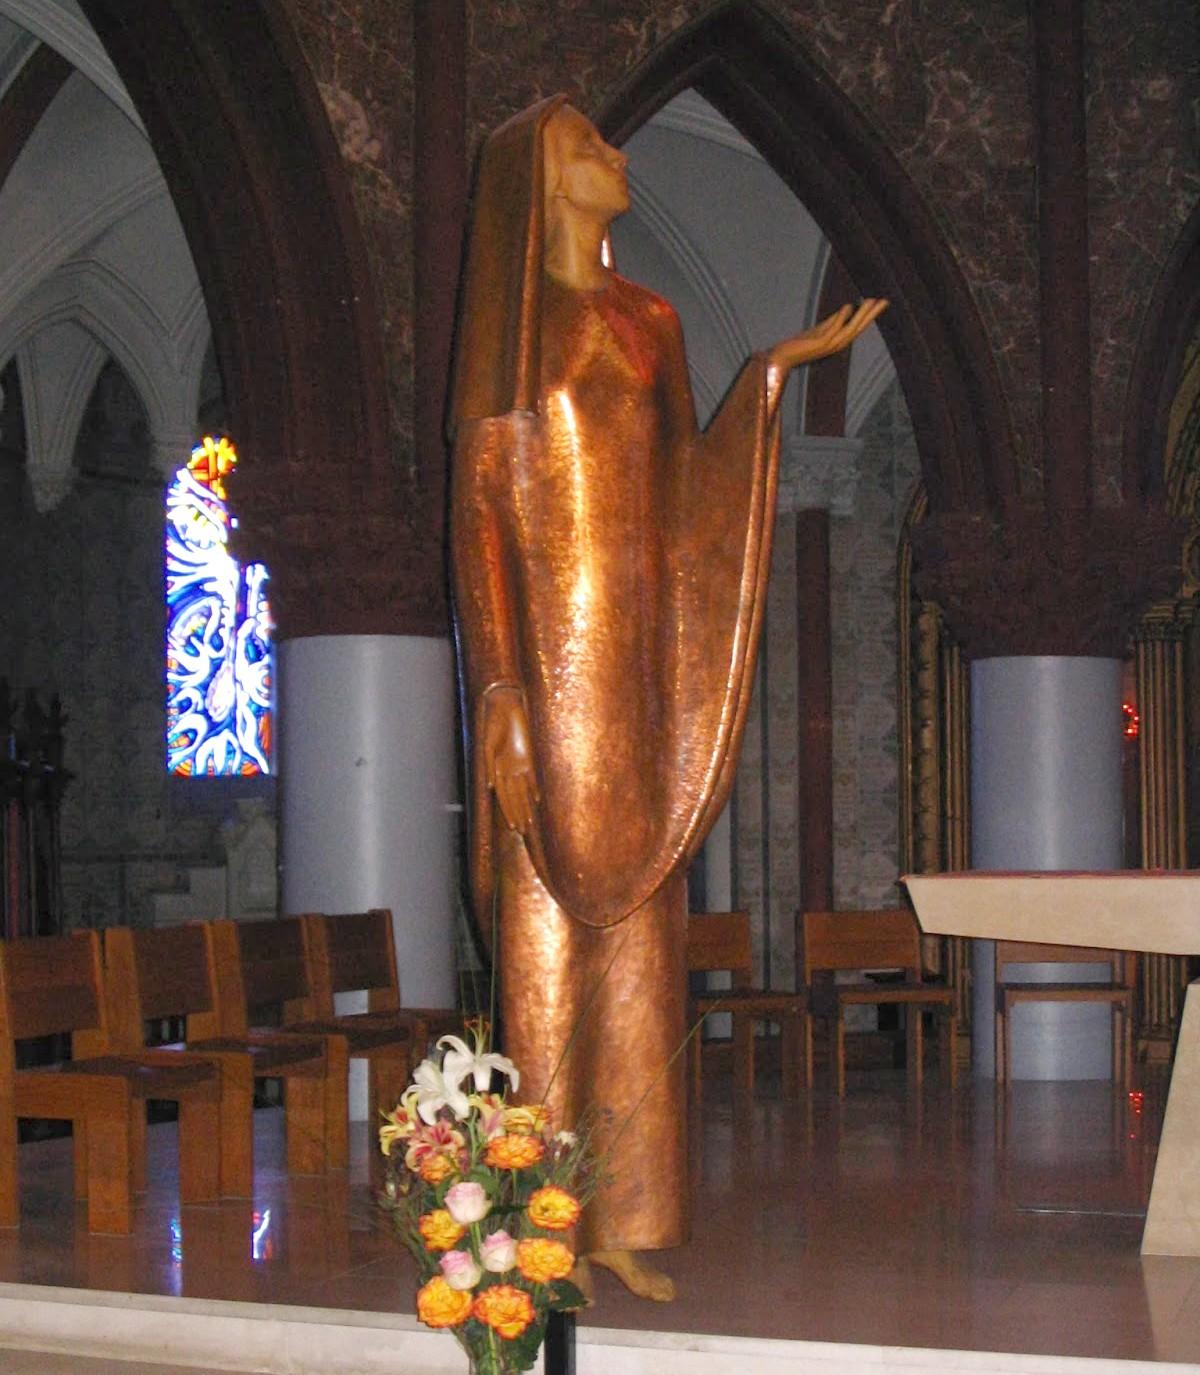 Nuestra Señora del Sagrado Corazón, Misioneros del Sagrado Corazón (últ sáb may)